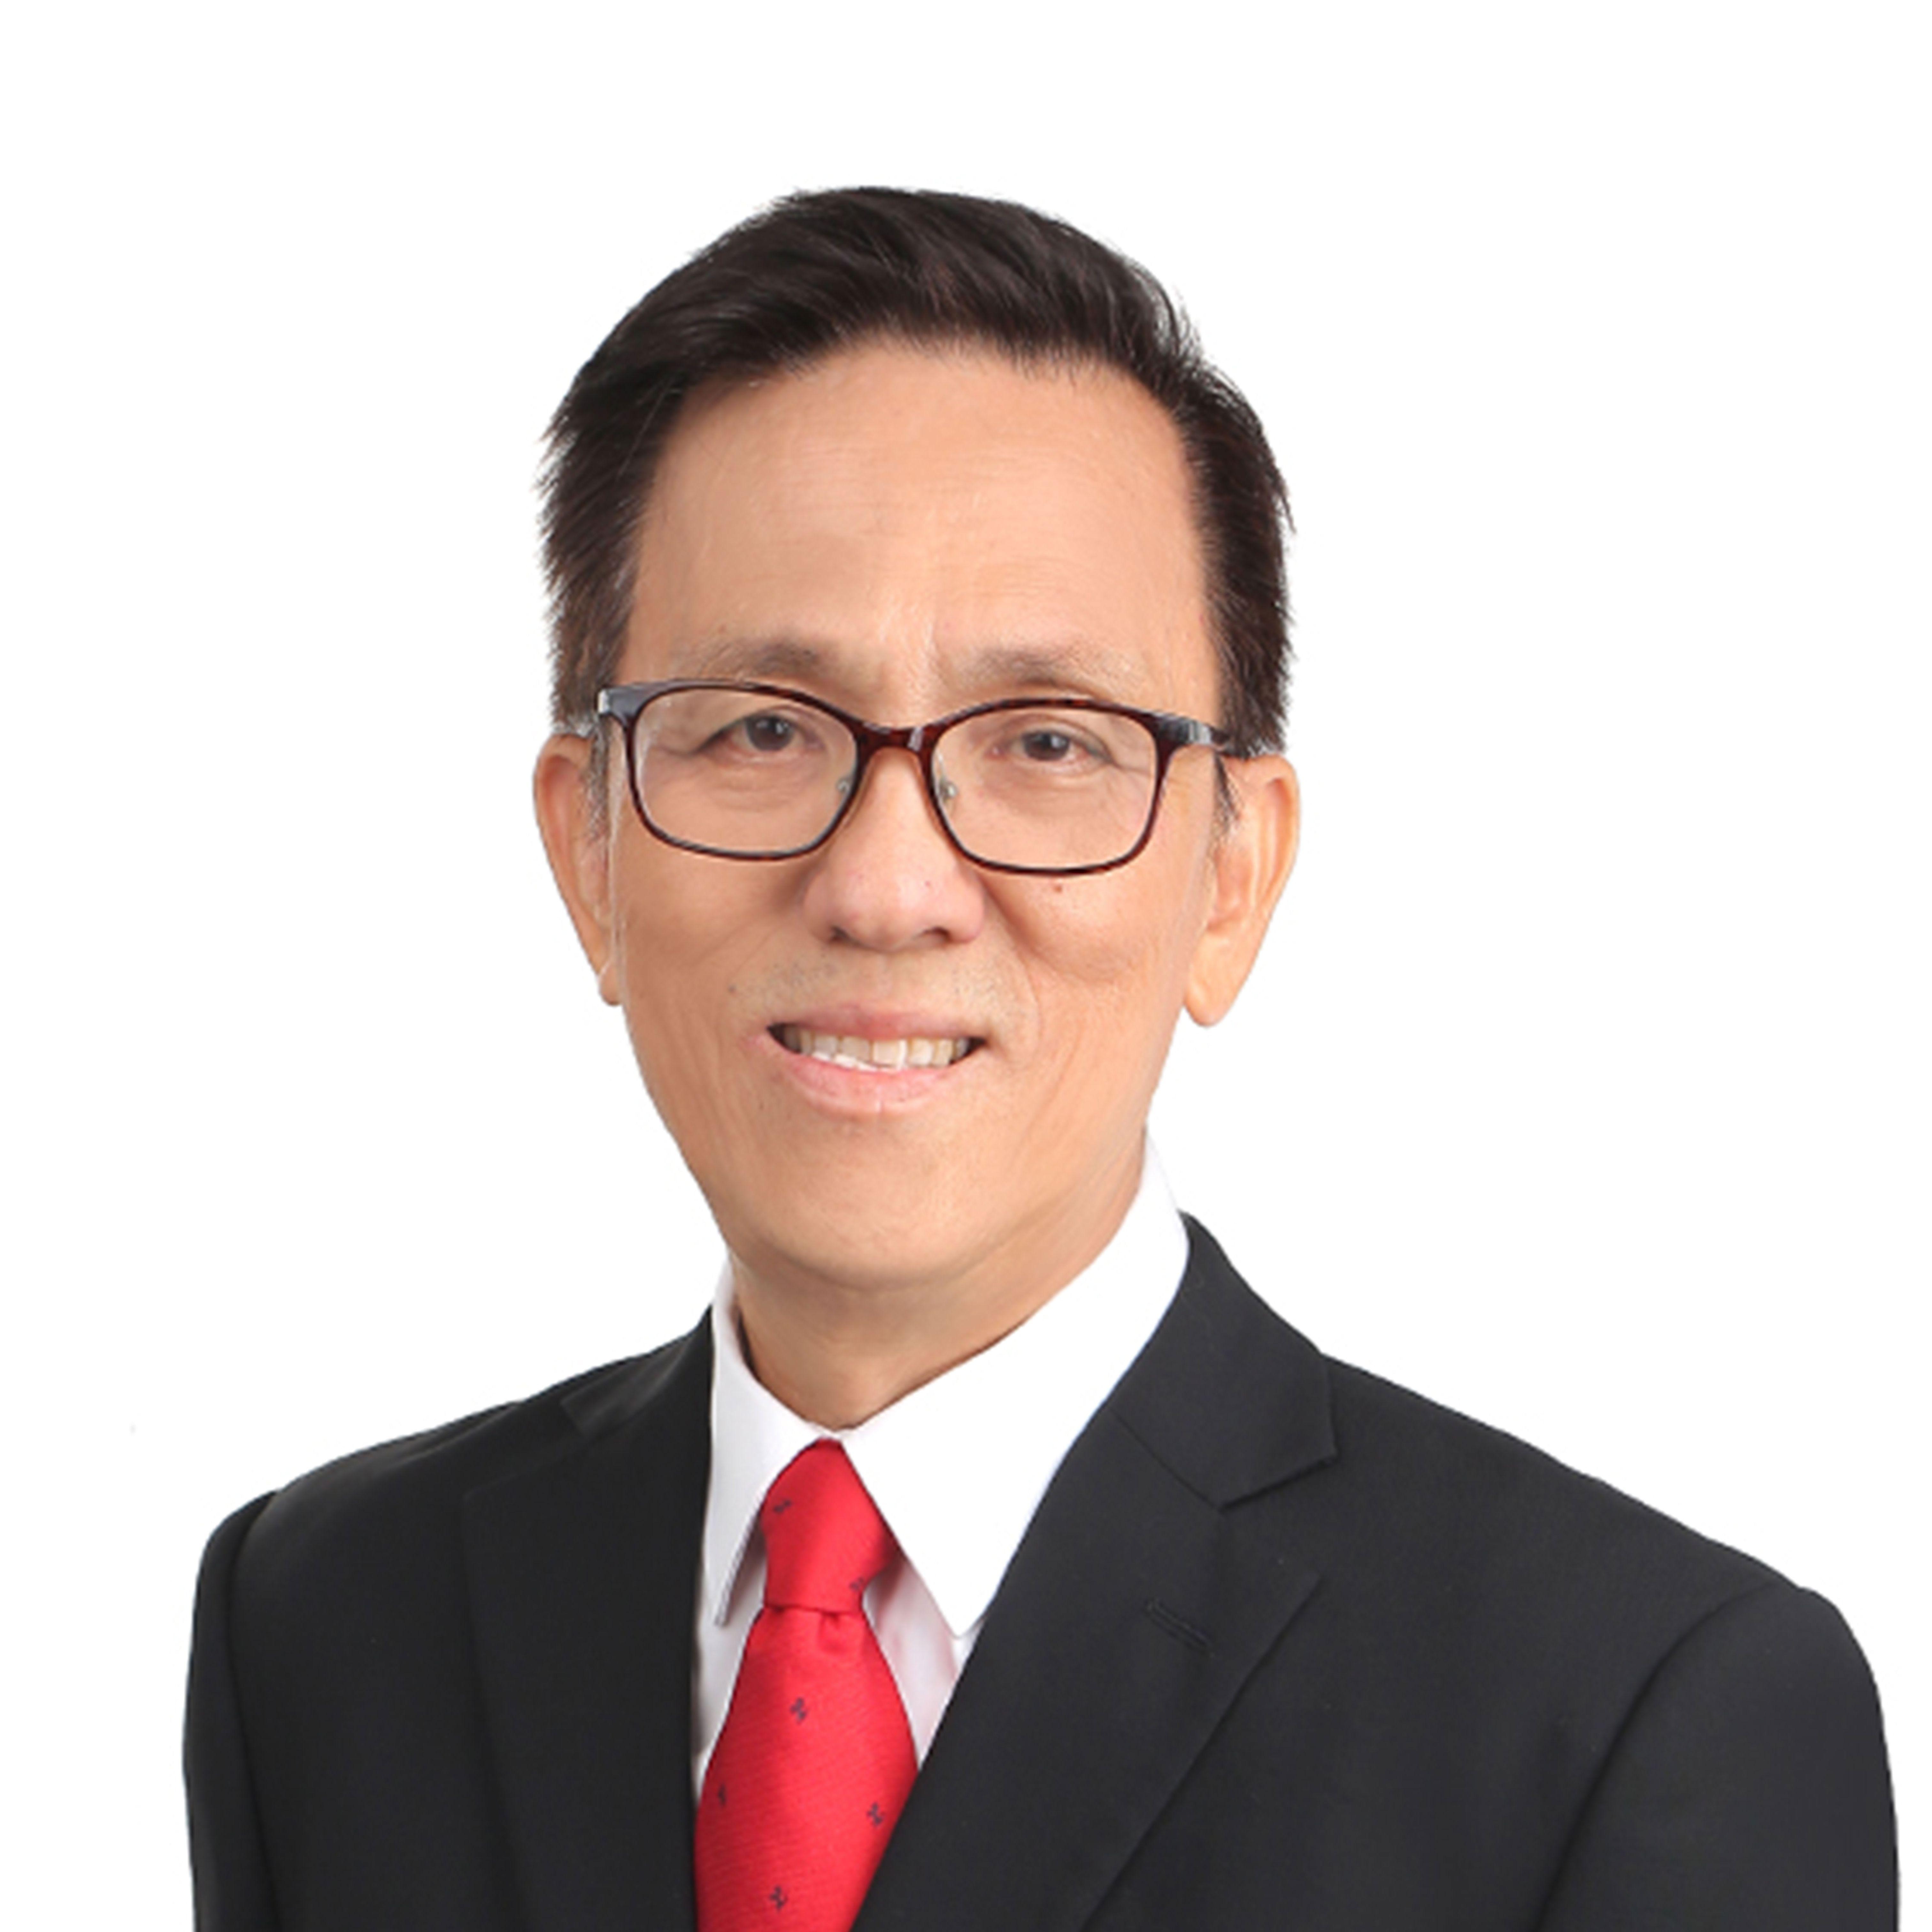 Yap Chee Yuen